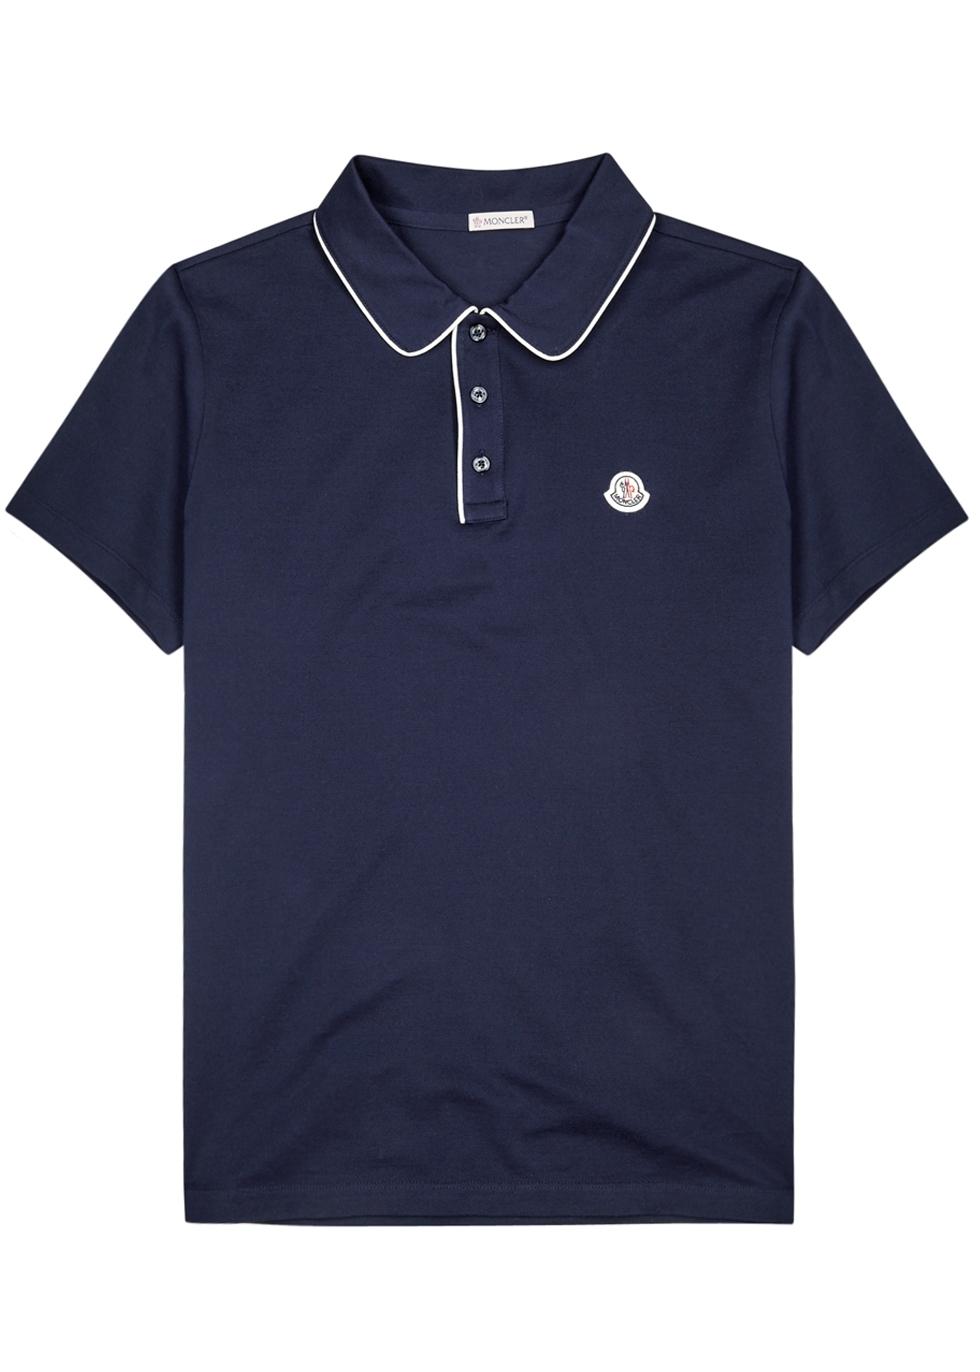 Maglia navy piqué cotton polo shirt ...